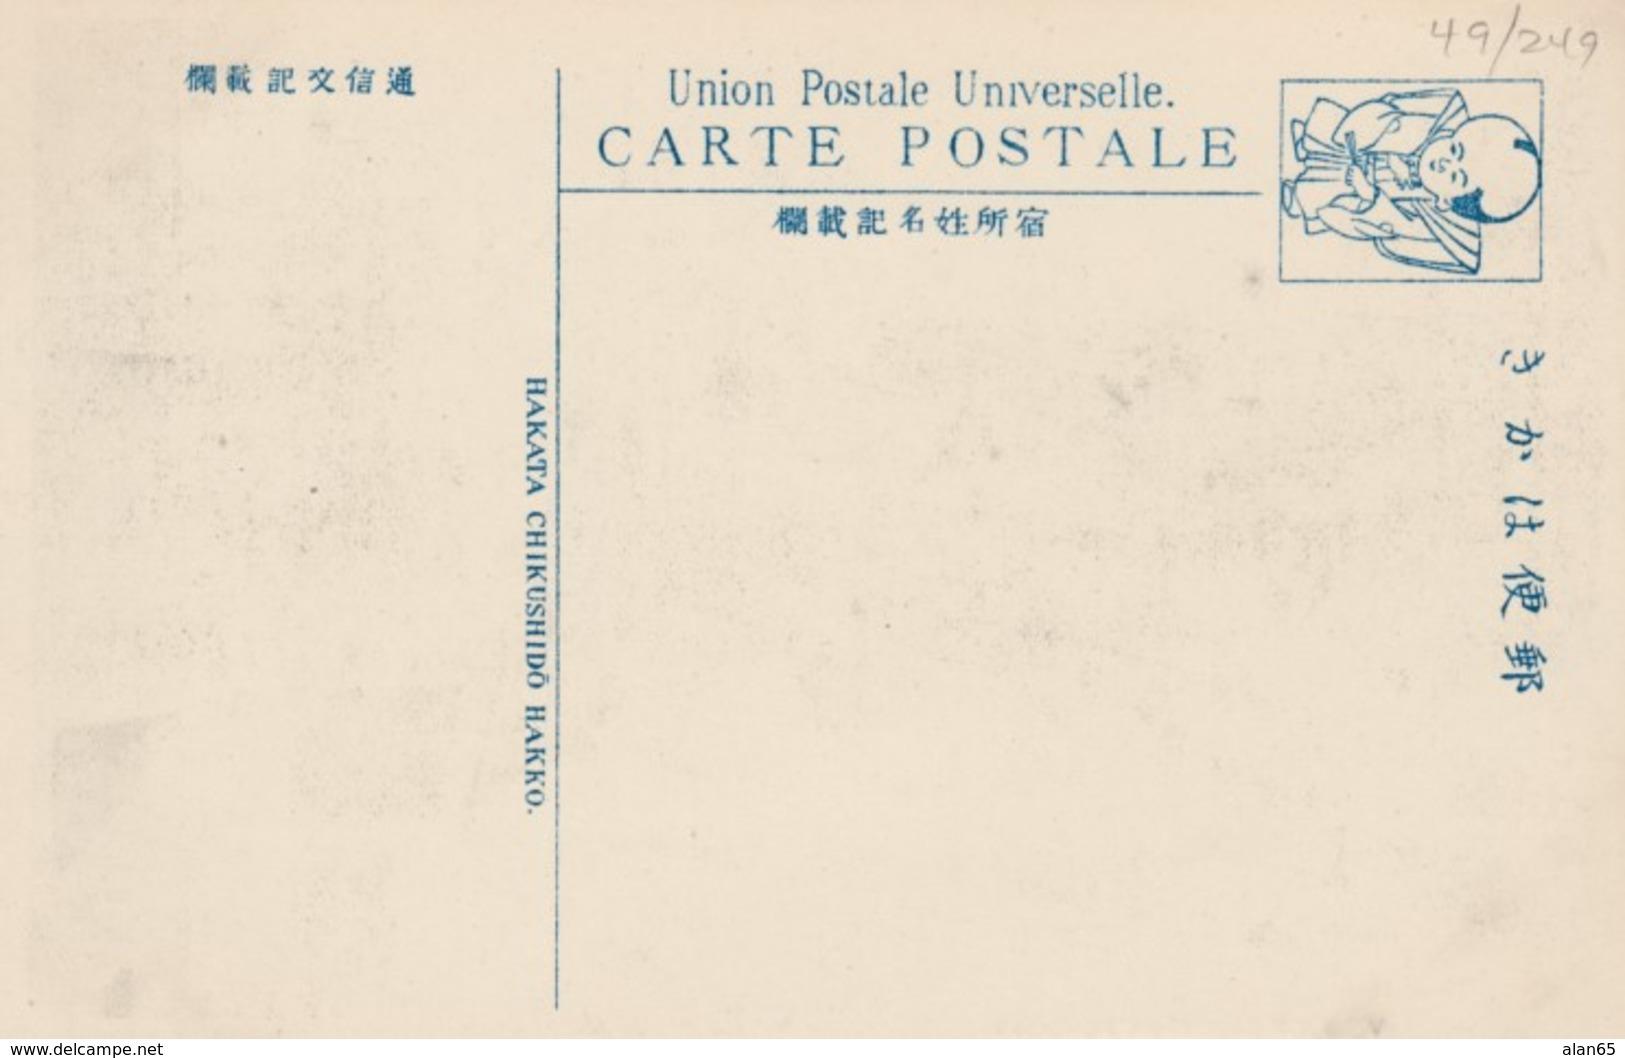 Train In East Park Fukuoka, Japan C1920s/30s Vintage Postcard - Trains